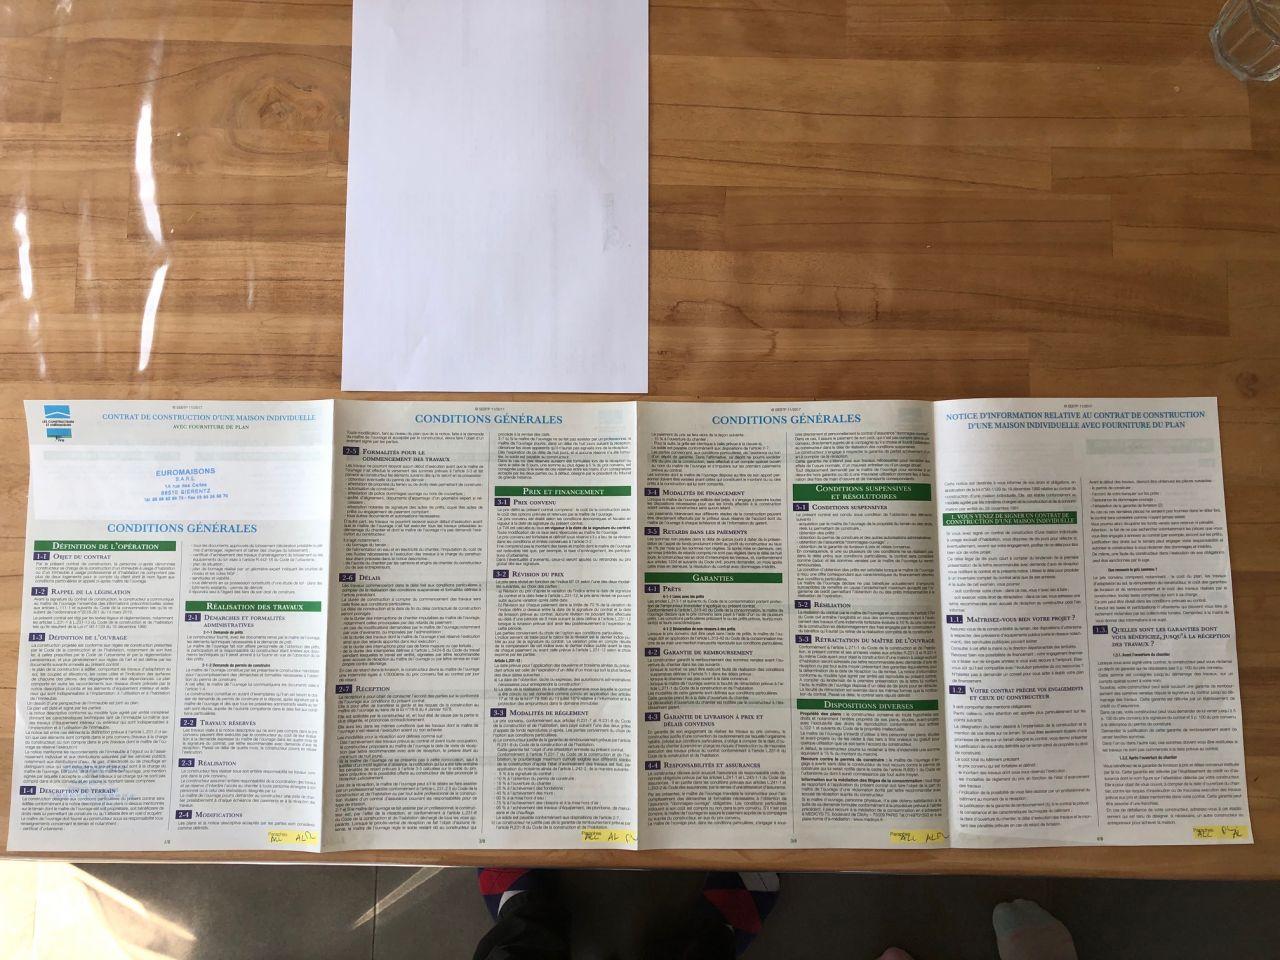 Contrat à toujours lire ! <br /> Conditions générales (3 feuilles A4) + conditions particulières + autres: xxx feuilles A4. <br /> Alors on a raté l'info et pas tout lu !